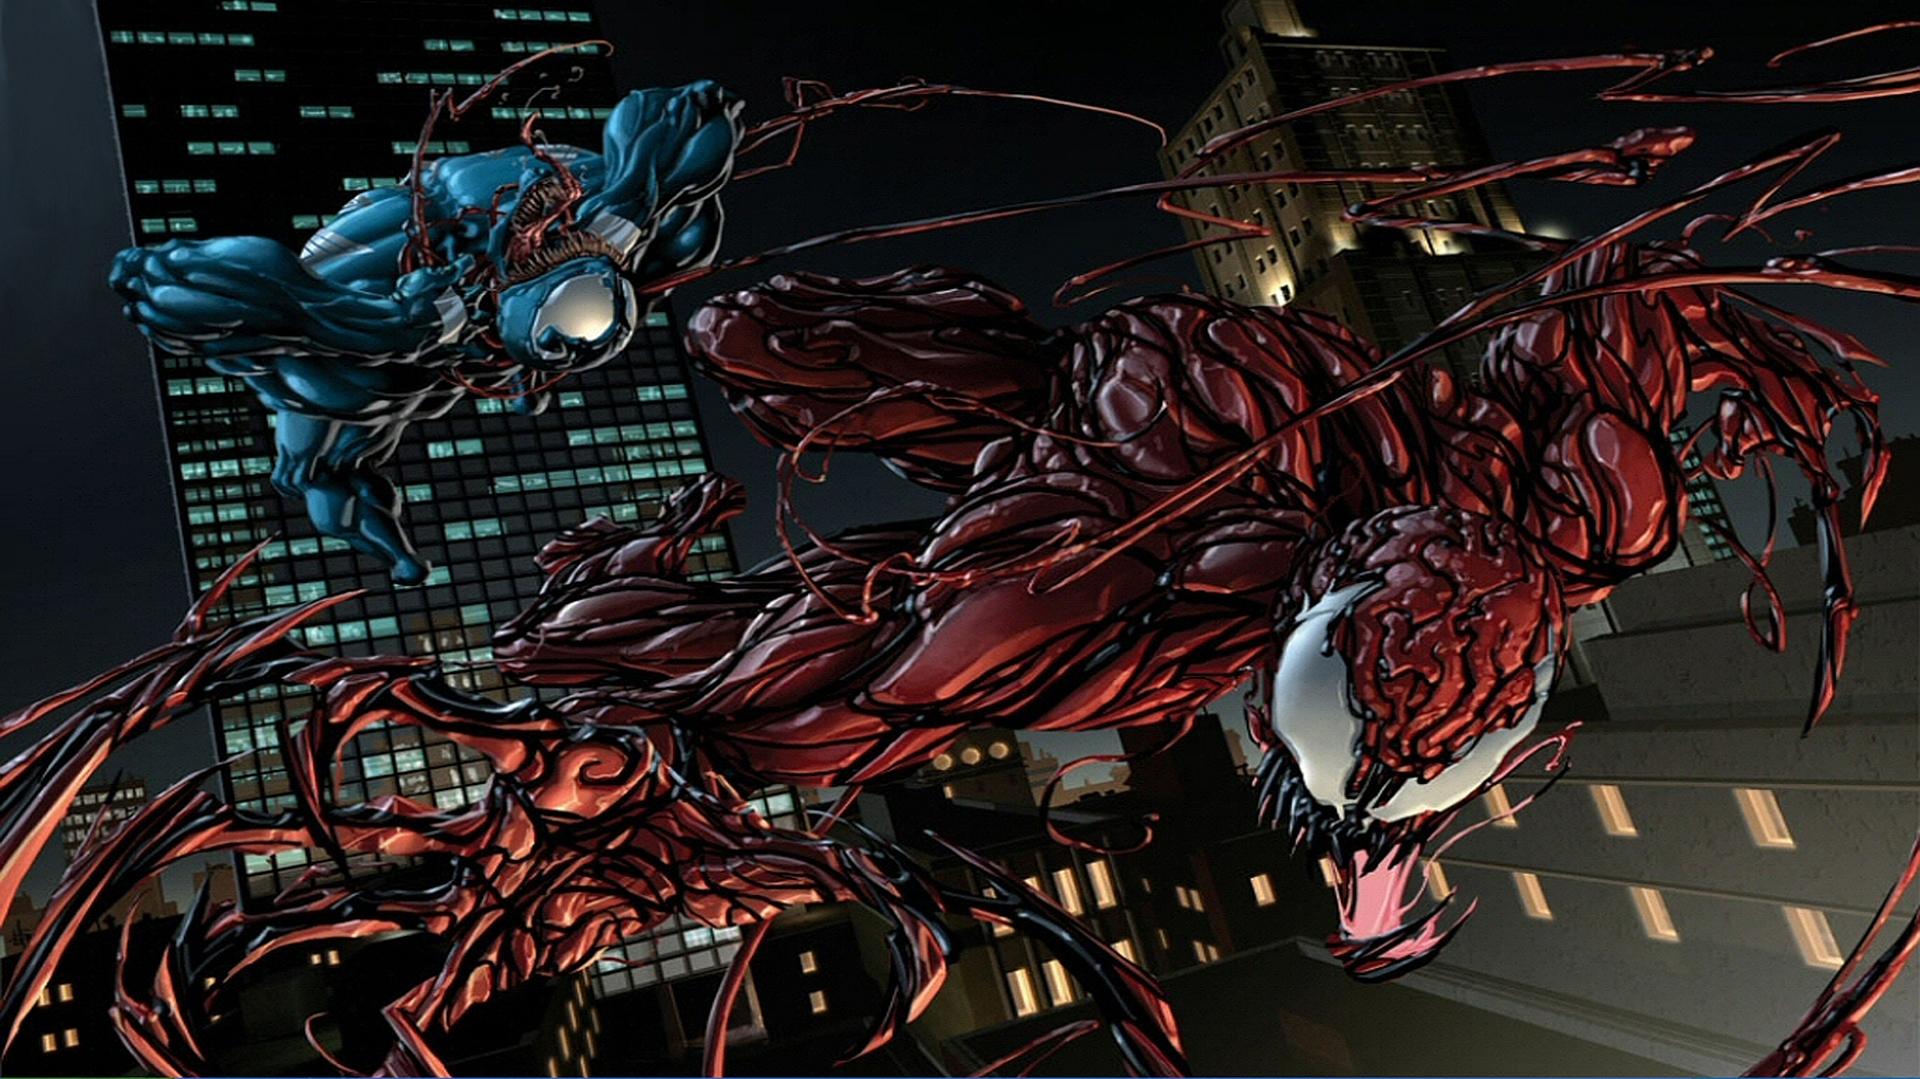 Venom vs Carnage vs Spiderman